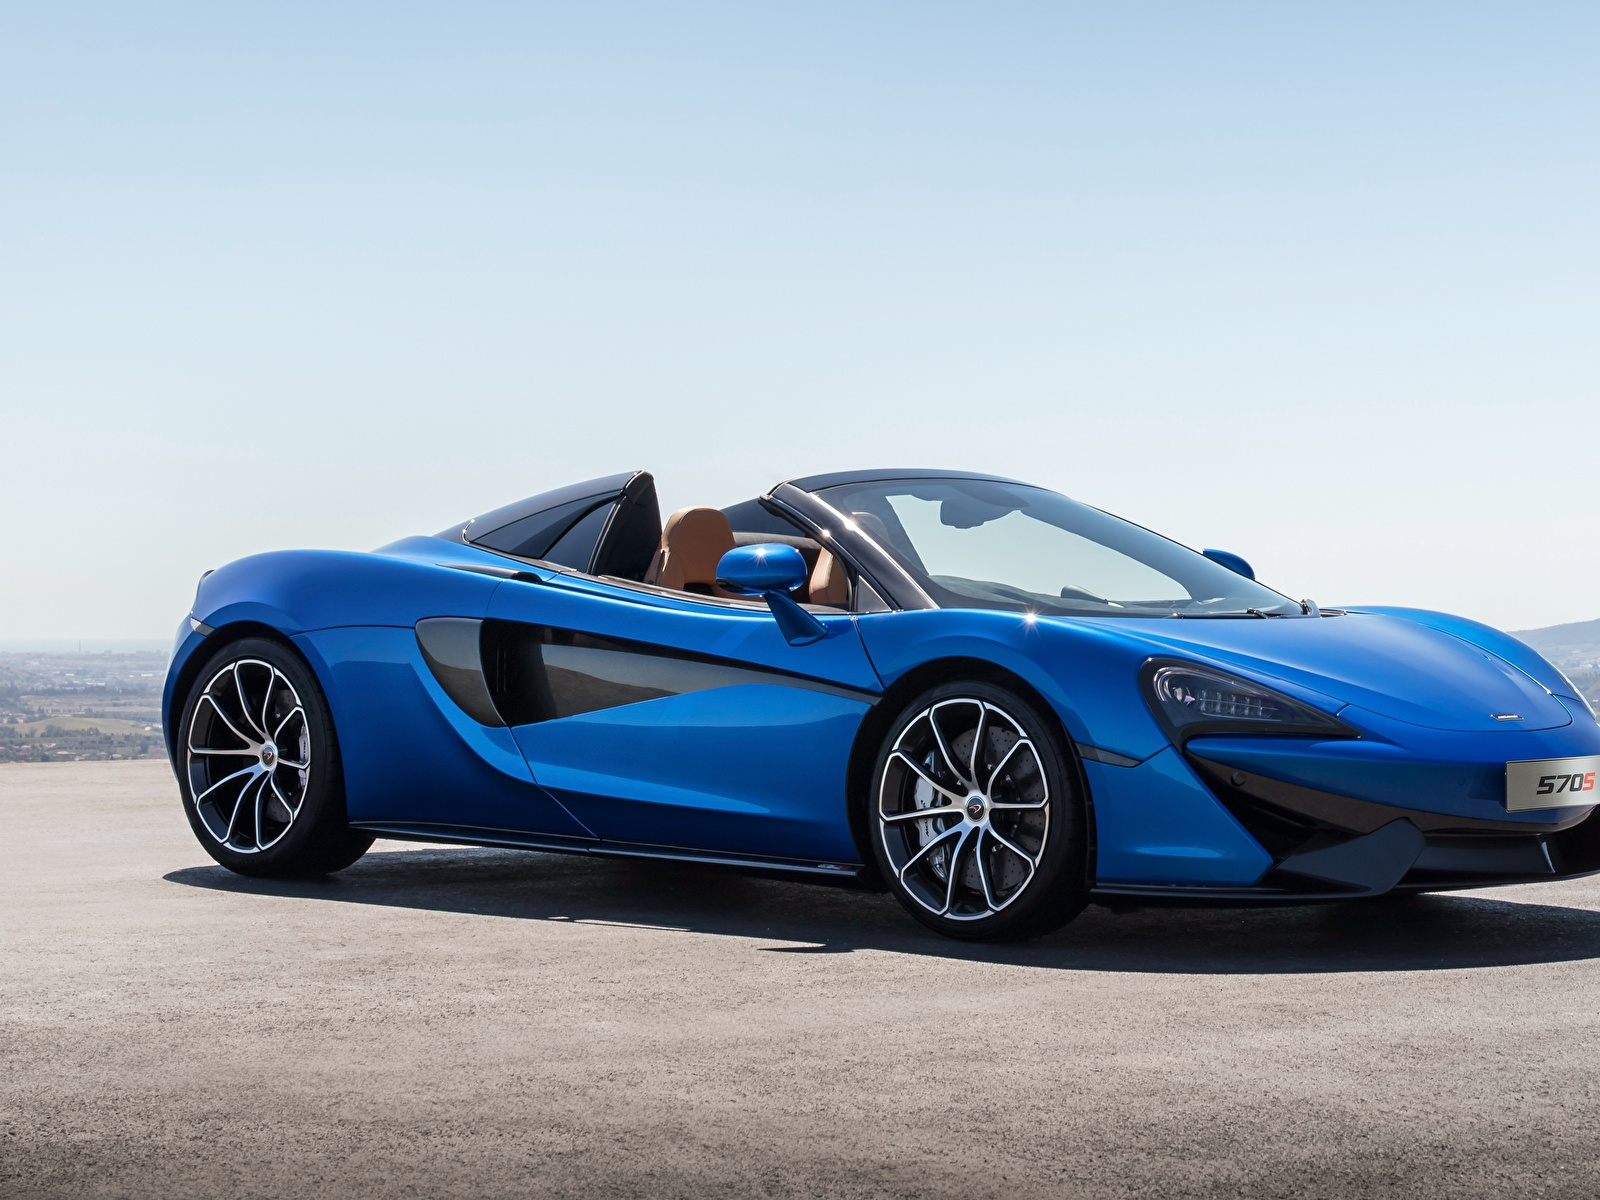 Картинки McLaren 2017 570S Spider Worldwide Родстер синие Автомобили 1600x1200 Макларен синих Синий синяя авто машина машины автомобиль